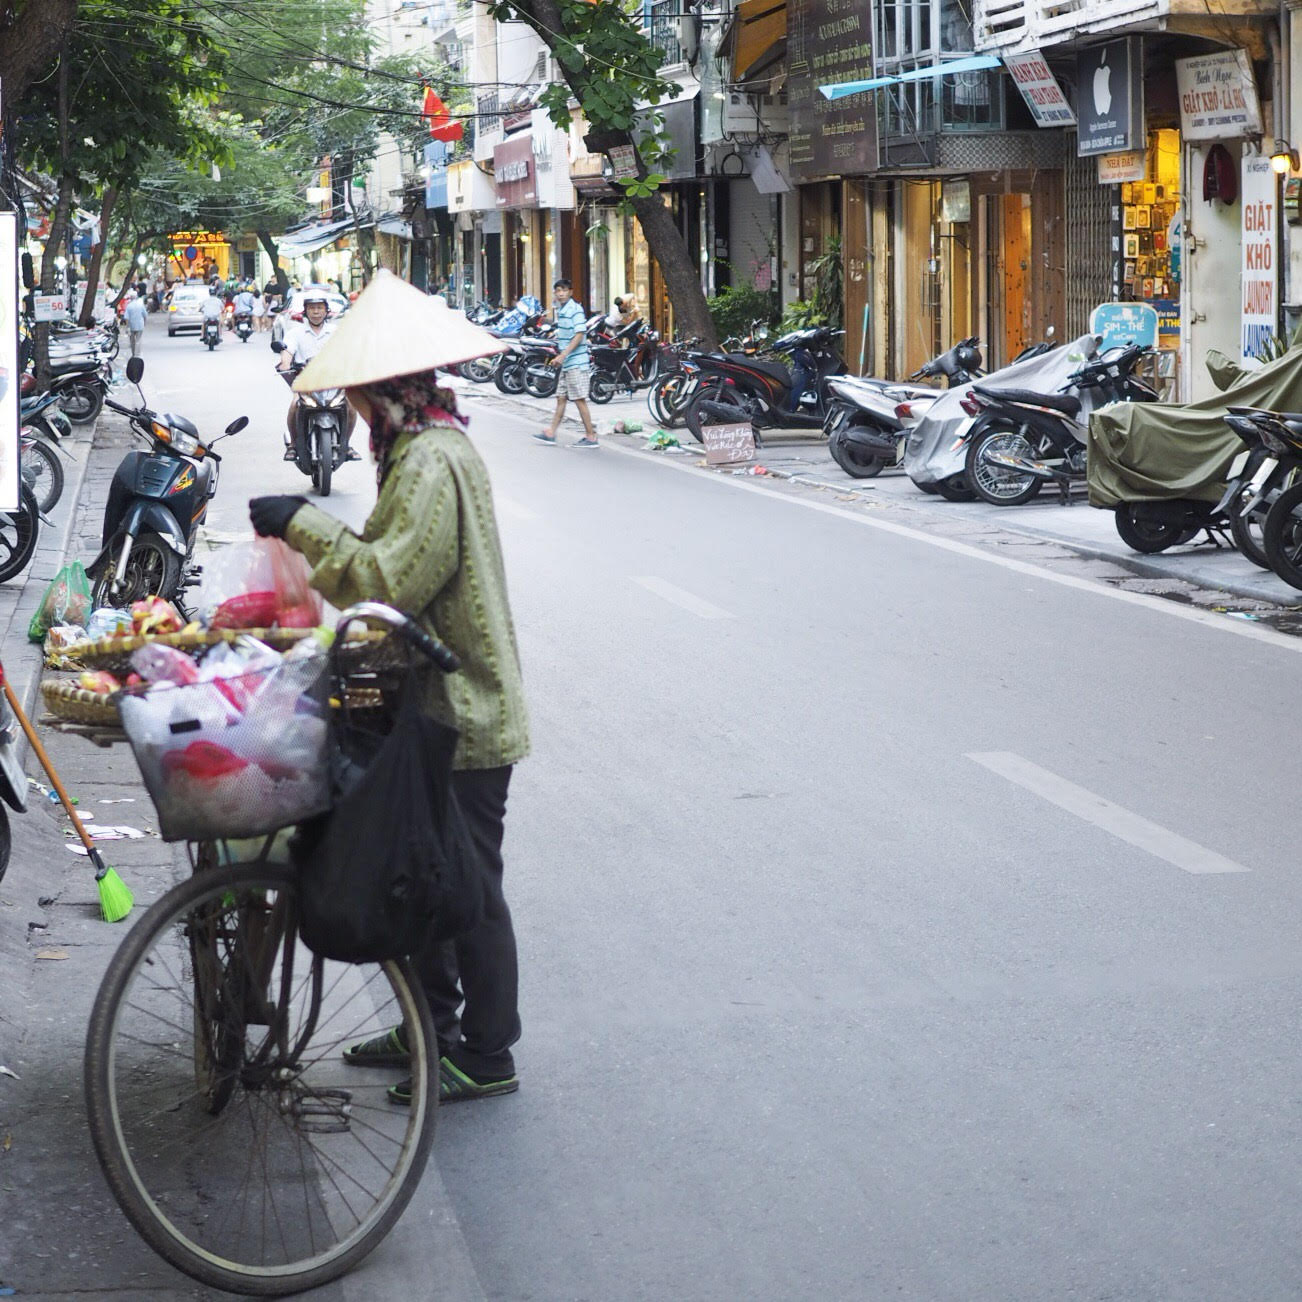 Trafik og gadeliv i Hanoi, Vietnam